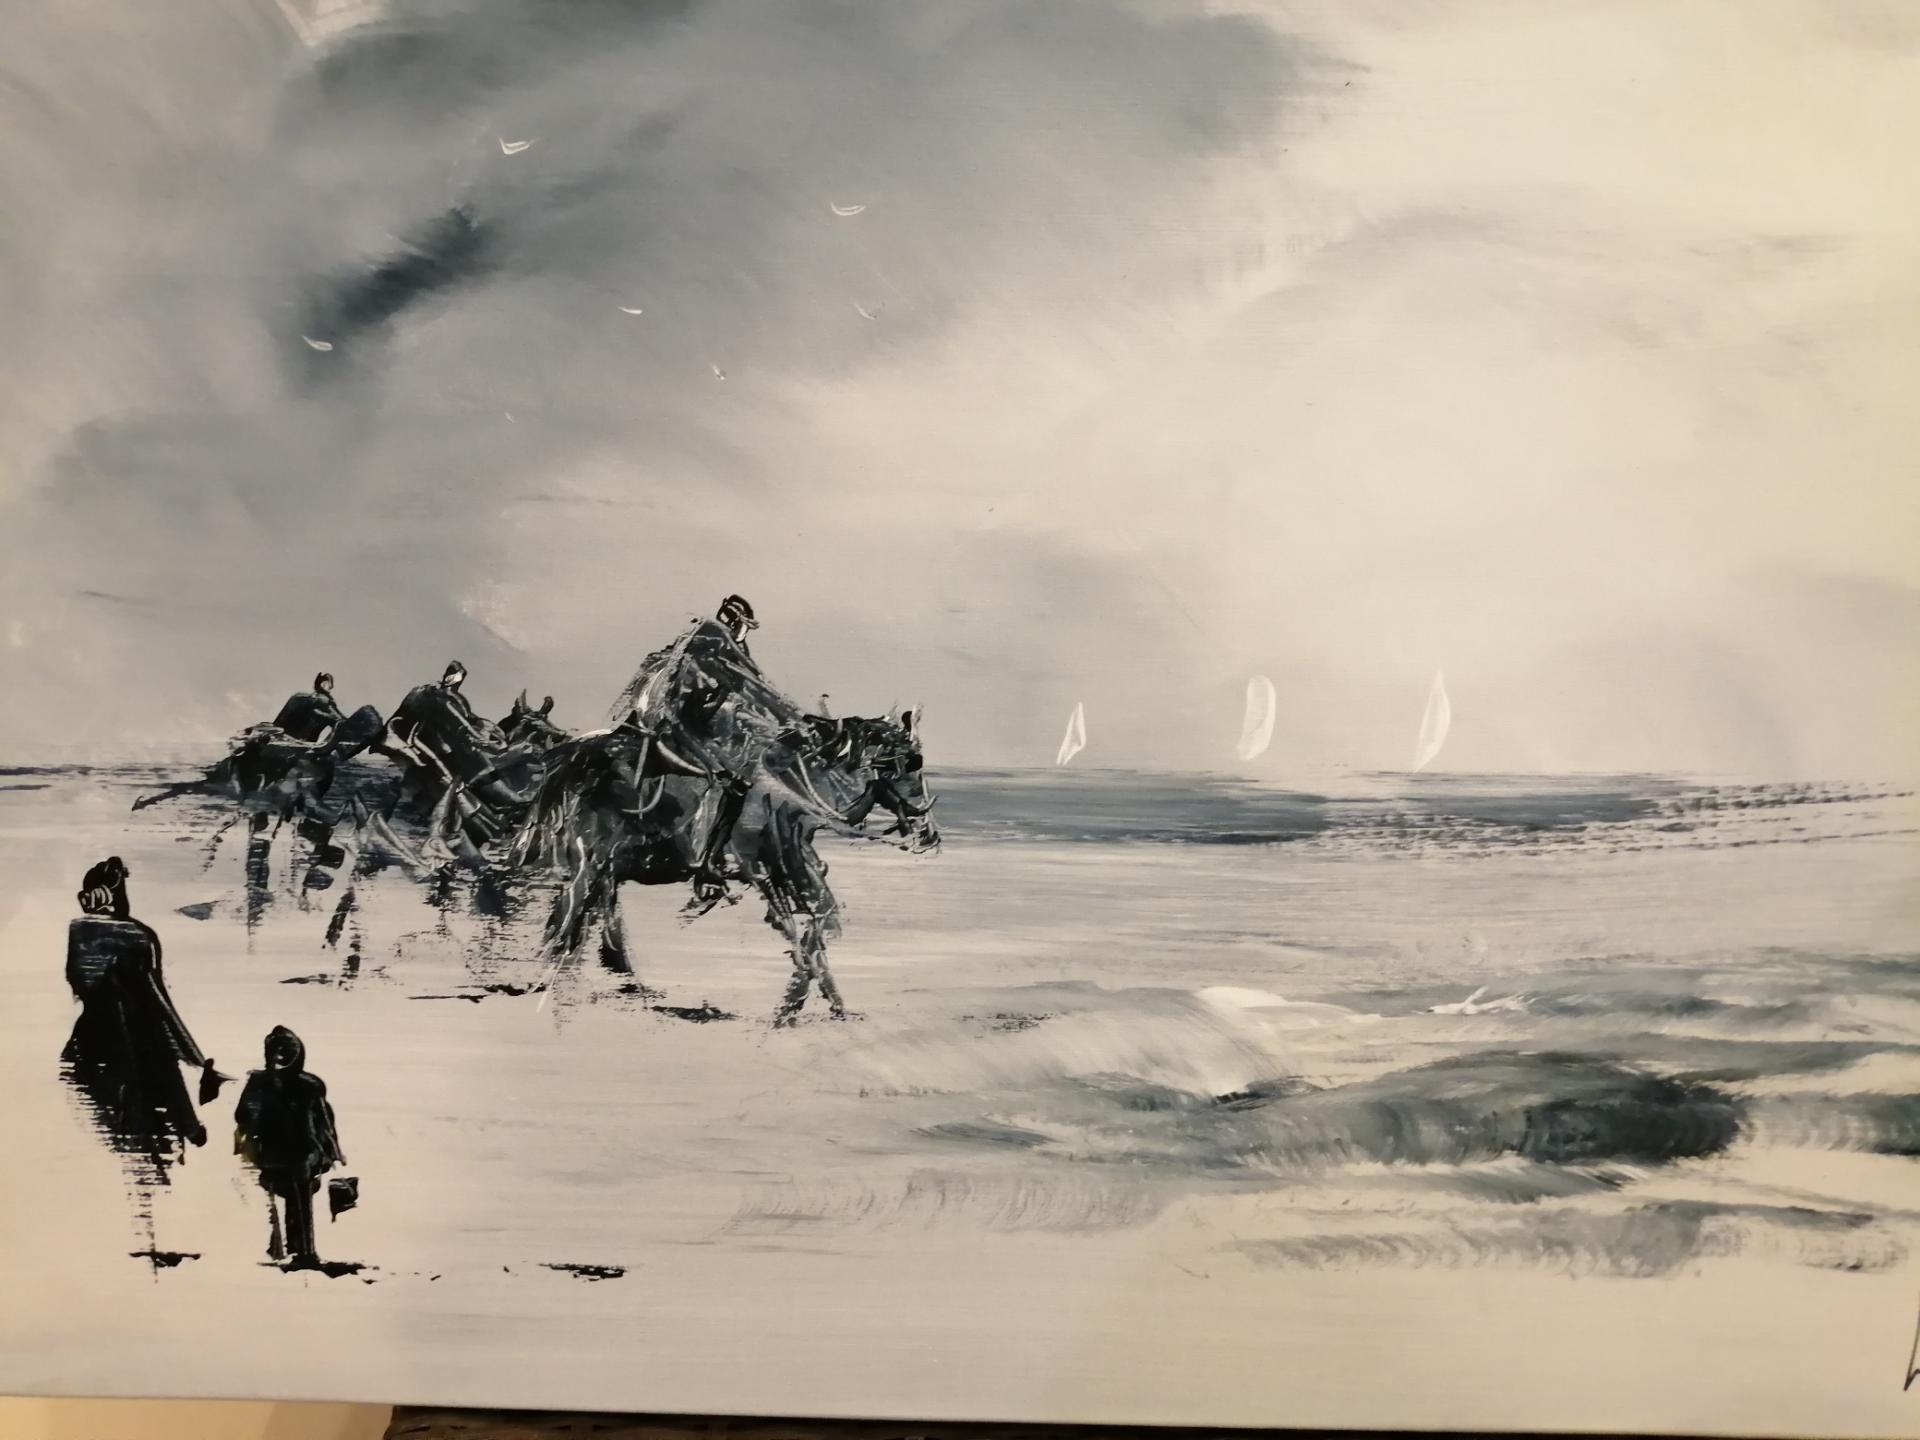 balades sur la plage de wimereux